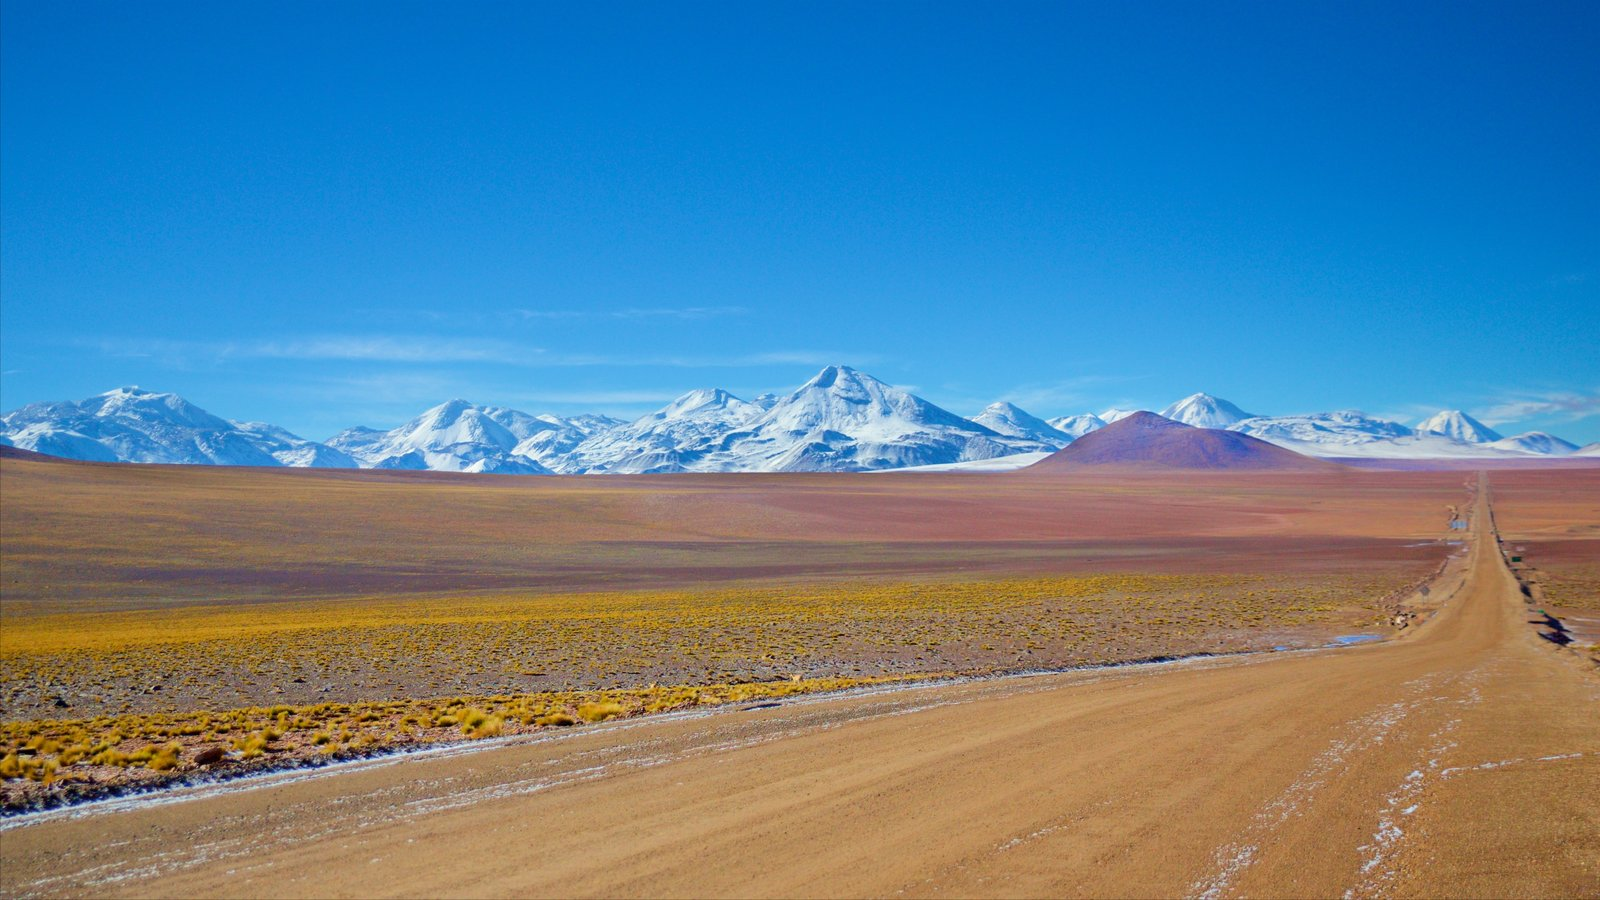 Chile mostrando cenas tranquilas, paisagem e neve